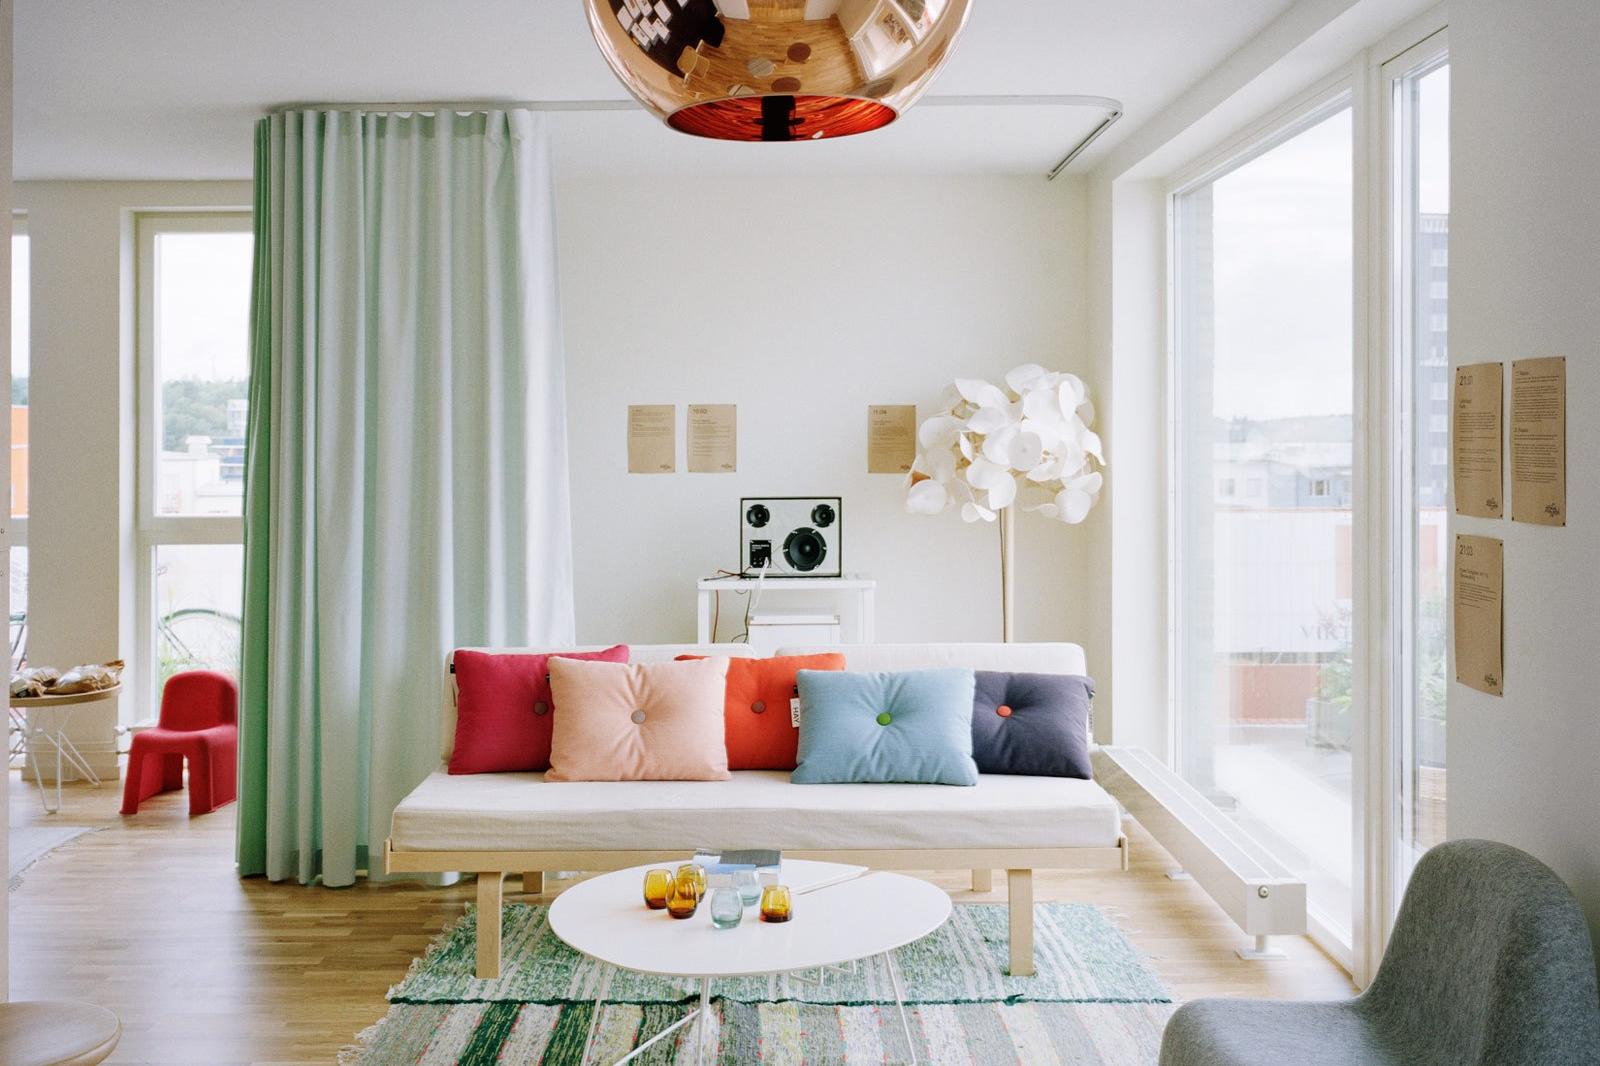 Bahan Gambar Anak Tk Ruang Tamu Batasi Ruangan Tanpa Ribet Dengan 10 Desain Pembatas Ruangan Ini